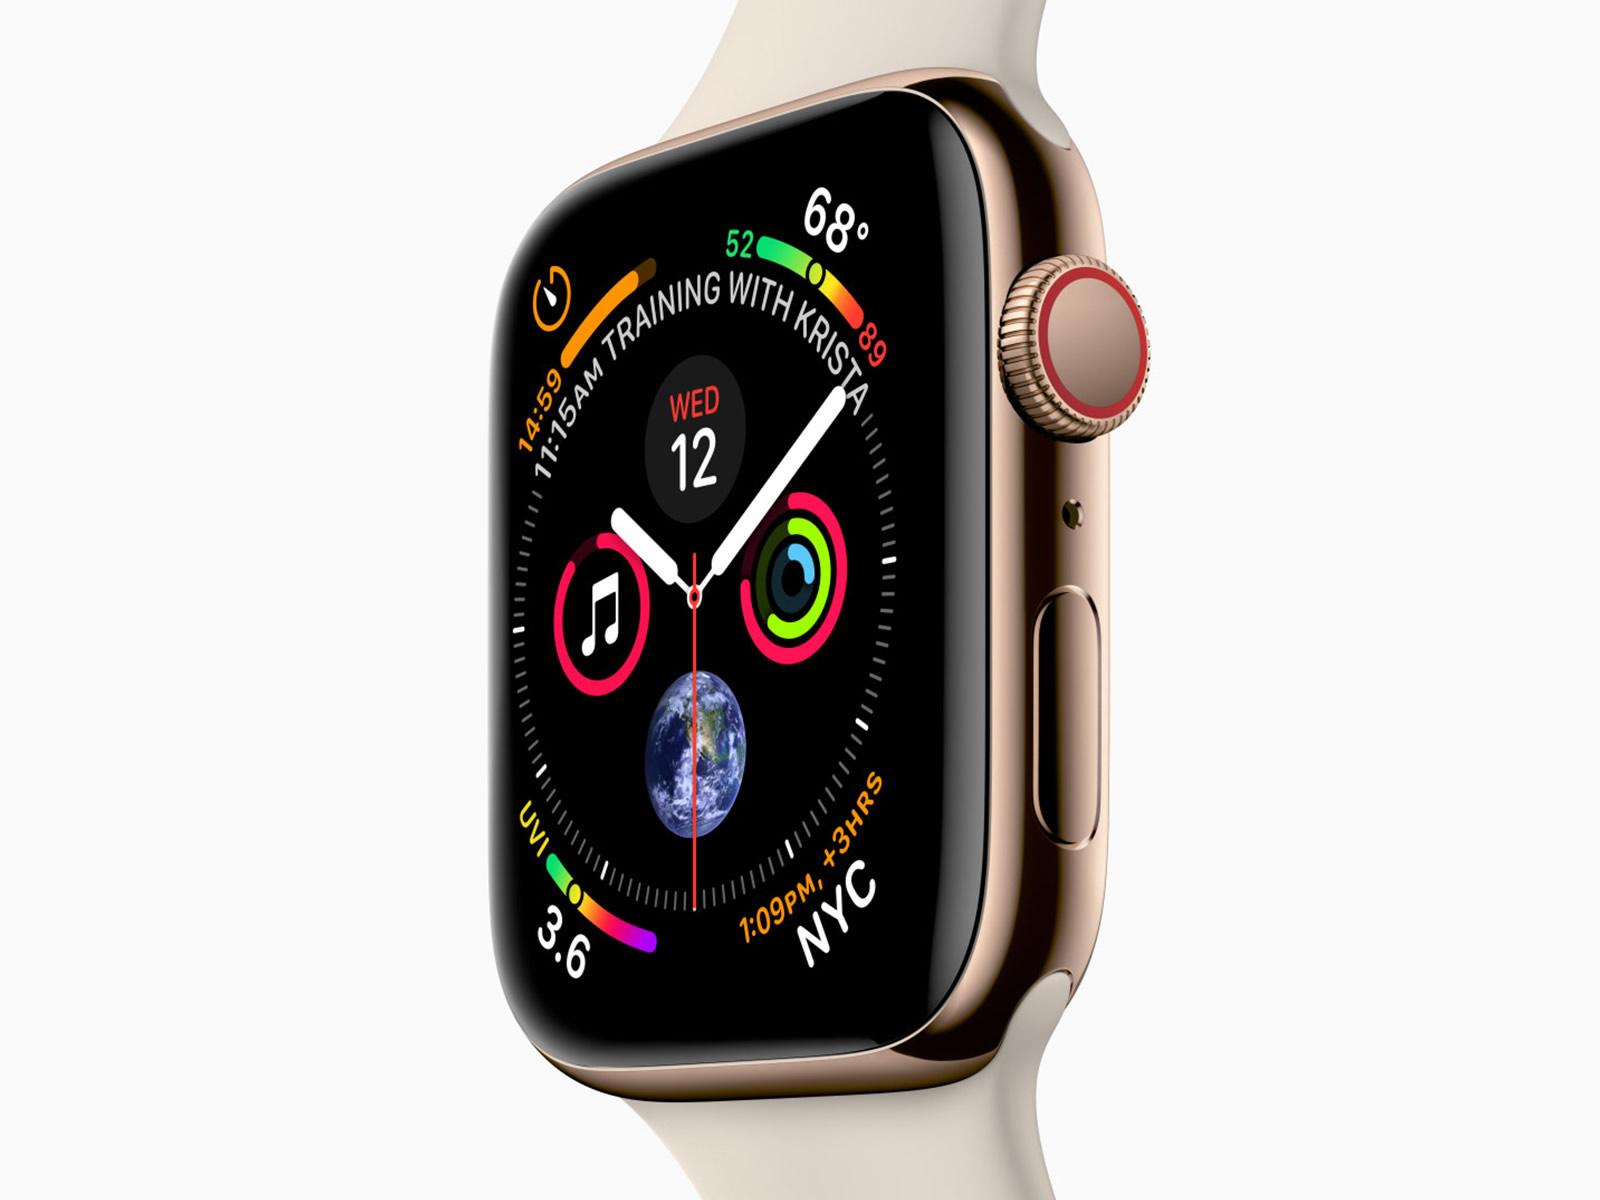 apple-watch-series-4-5-.jpg